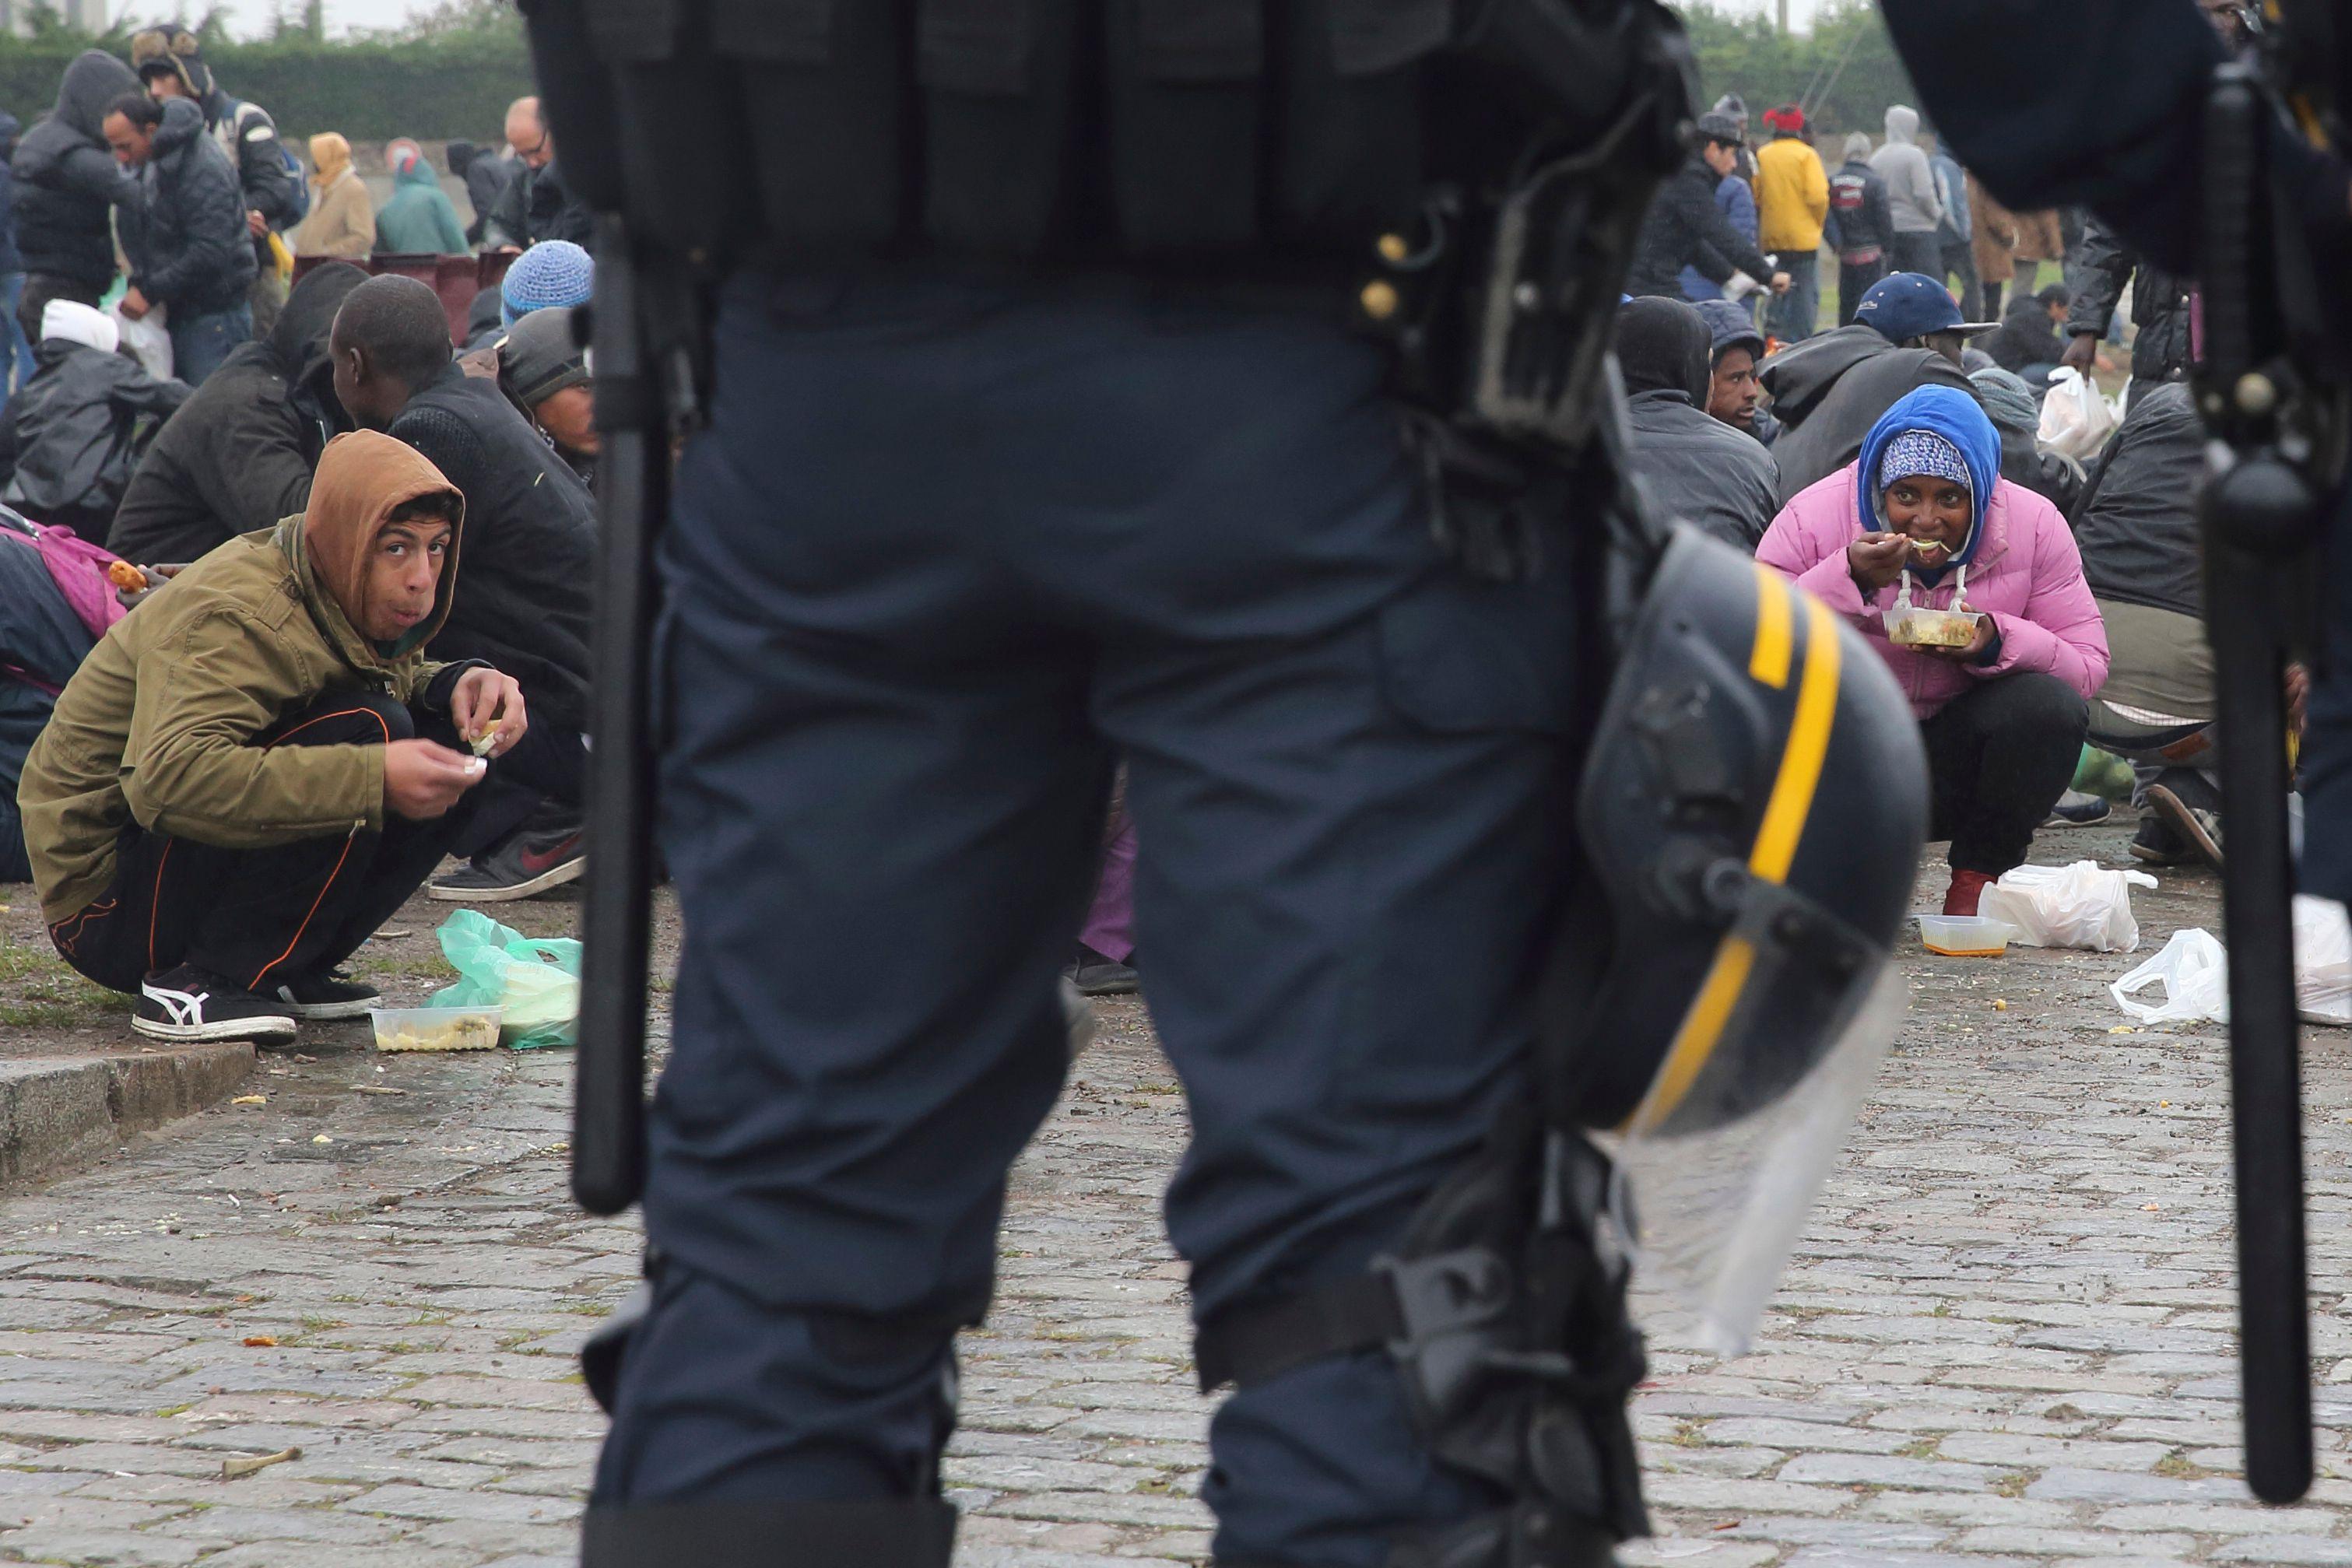 Et vous, en tant qu'Européens, vous êtes plutôt Cologne, Calais ou Molenbeek ?